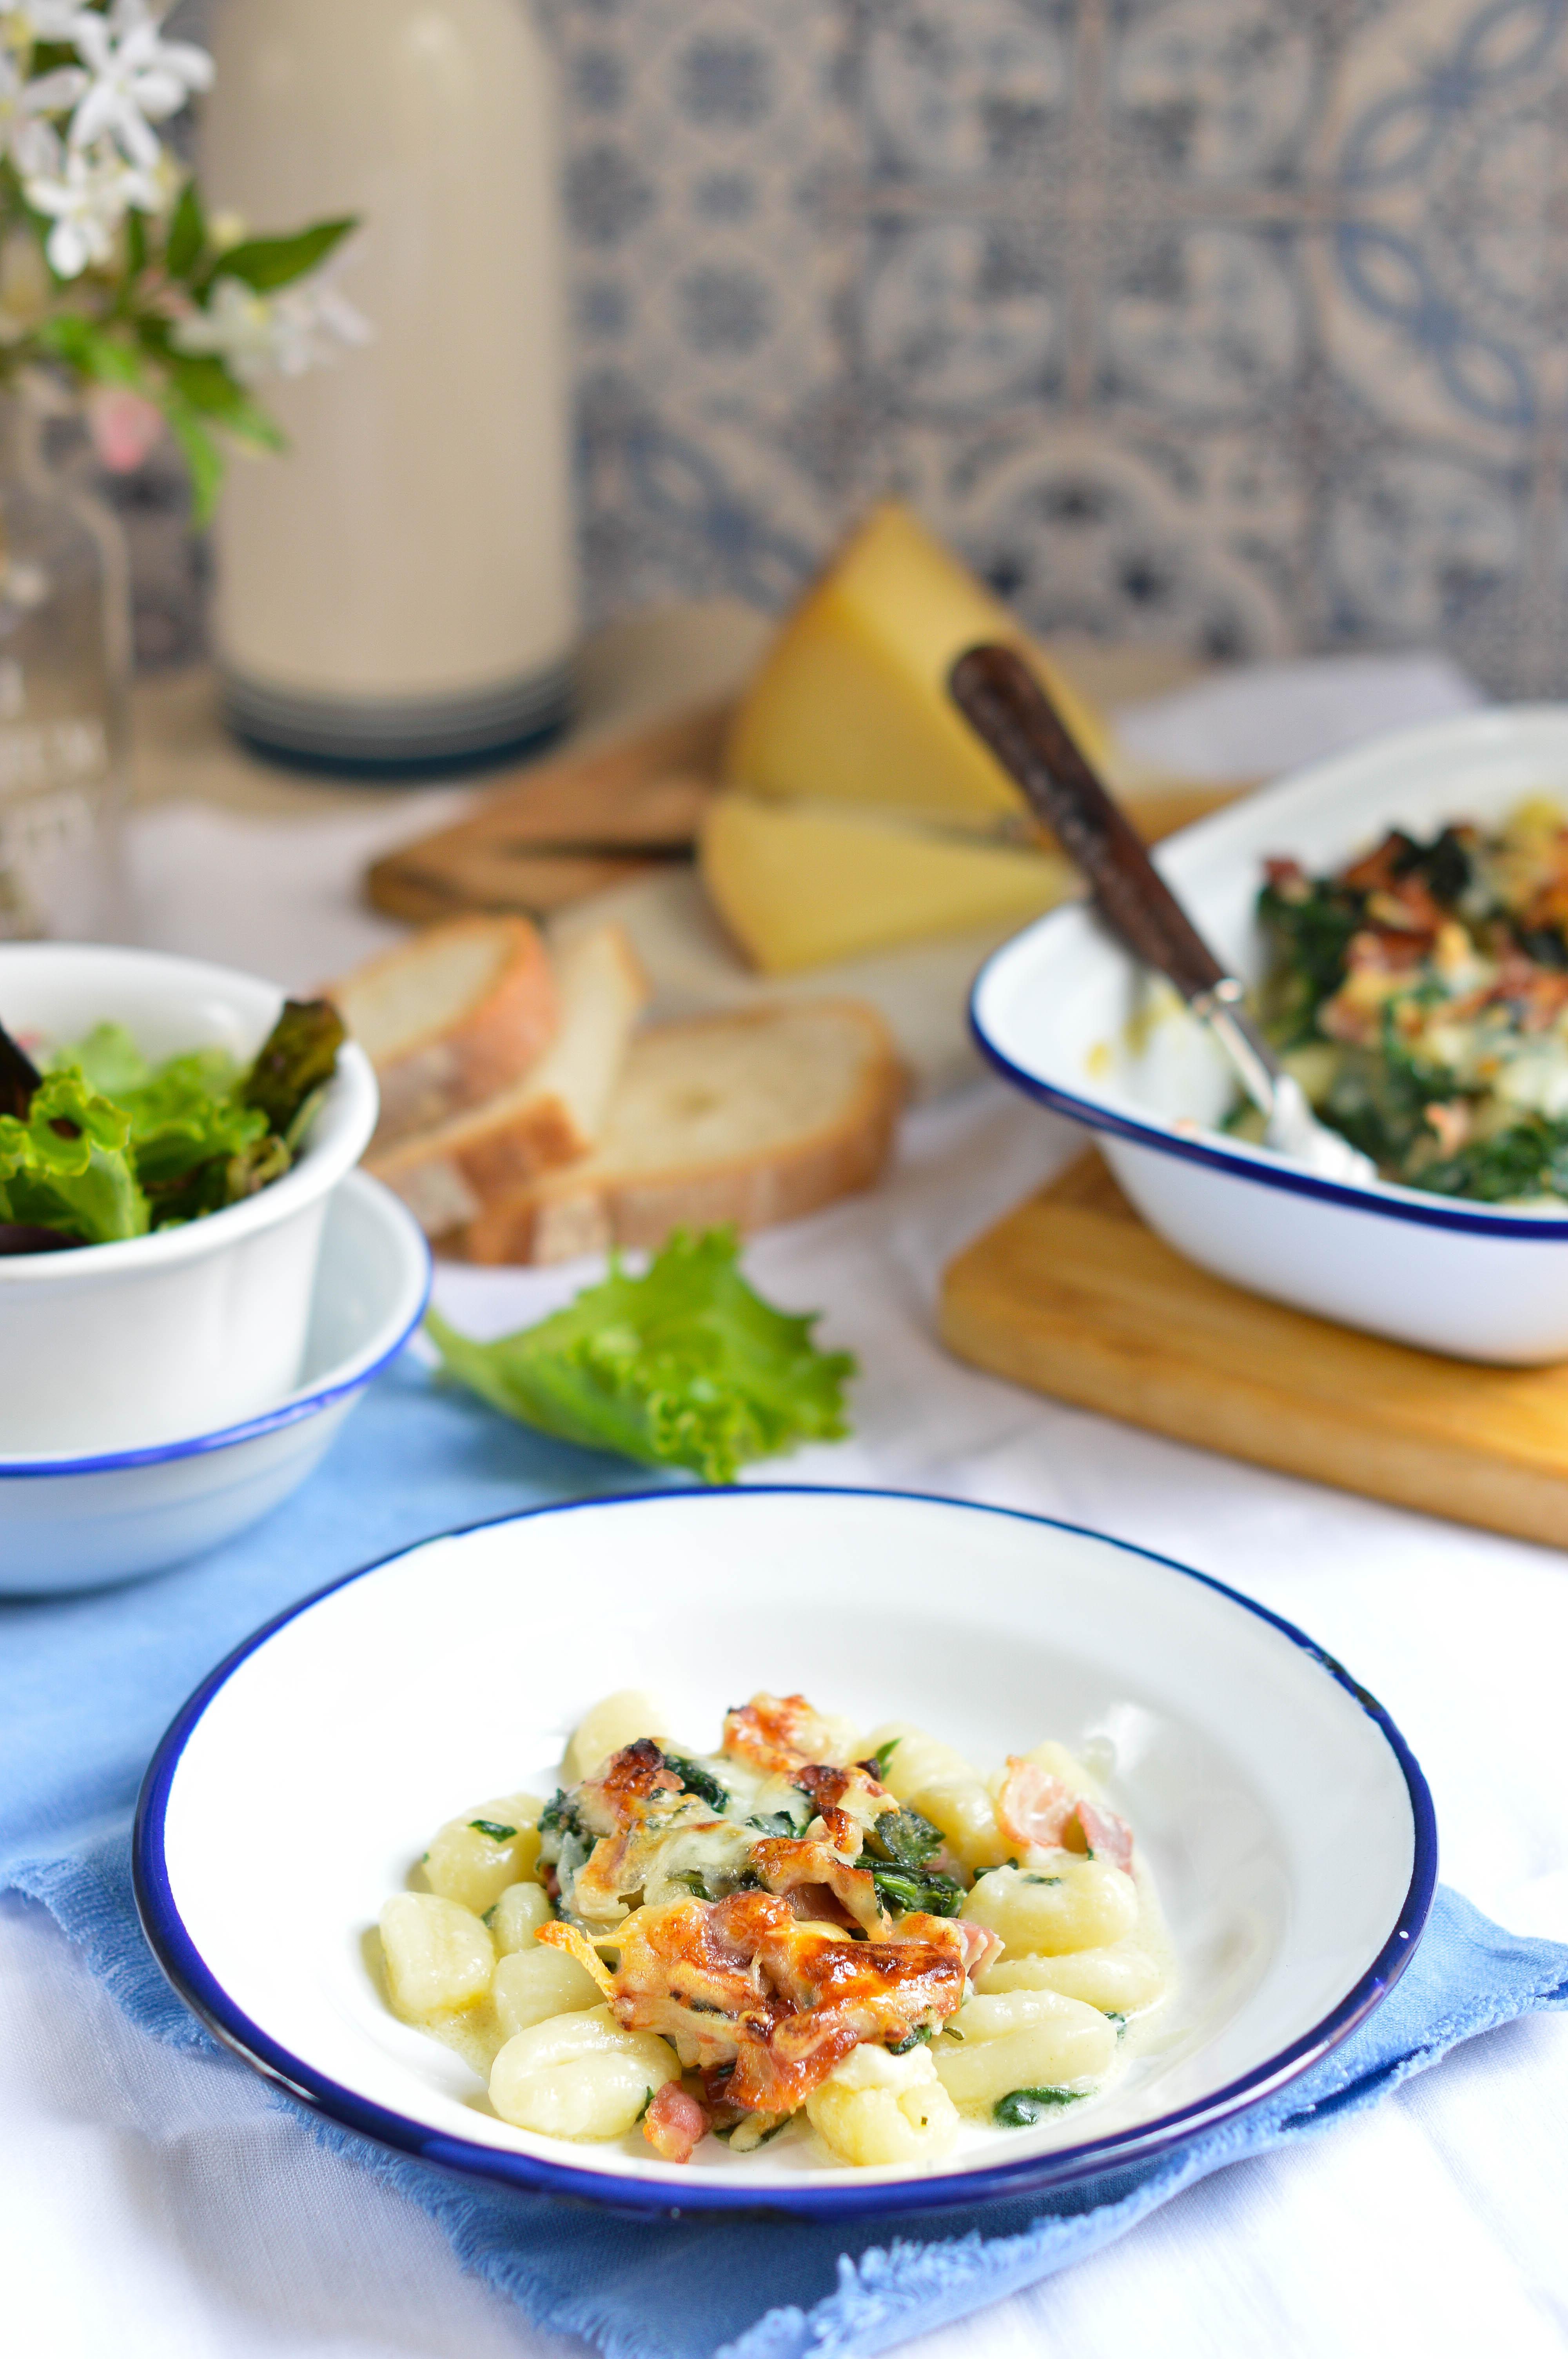 noquis-queso-manchego-lasterceras-3-la-cuchara-azul